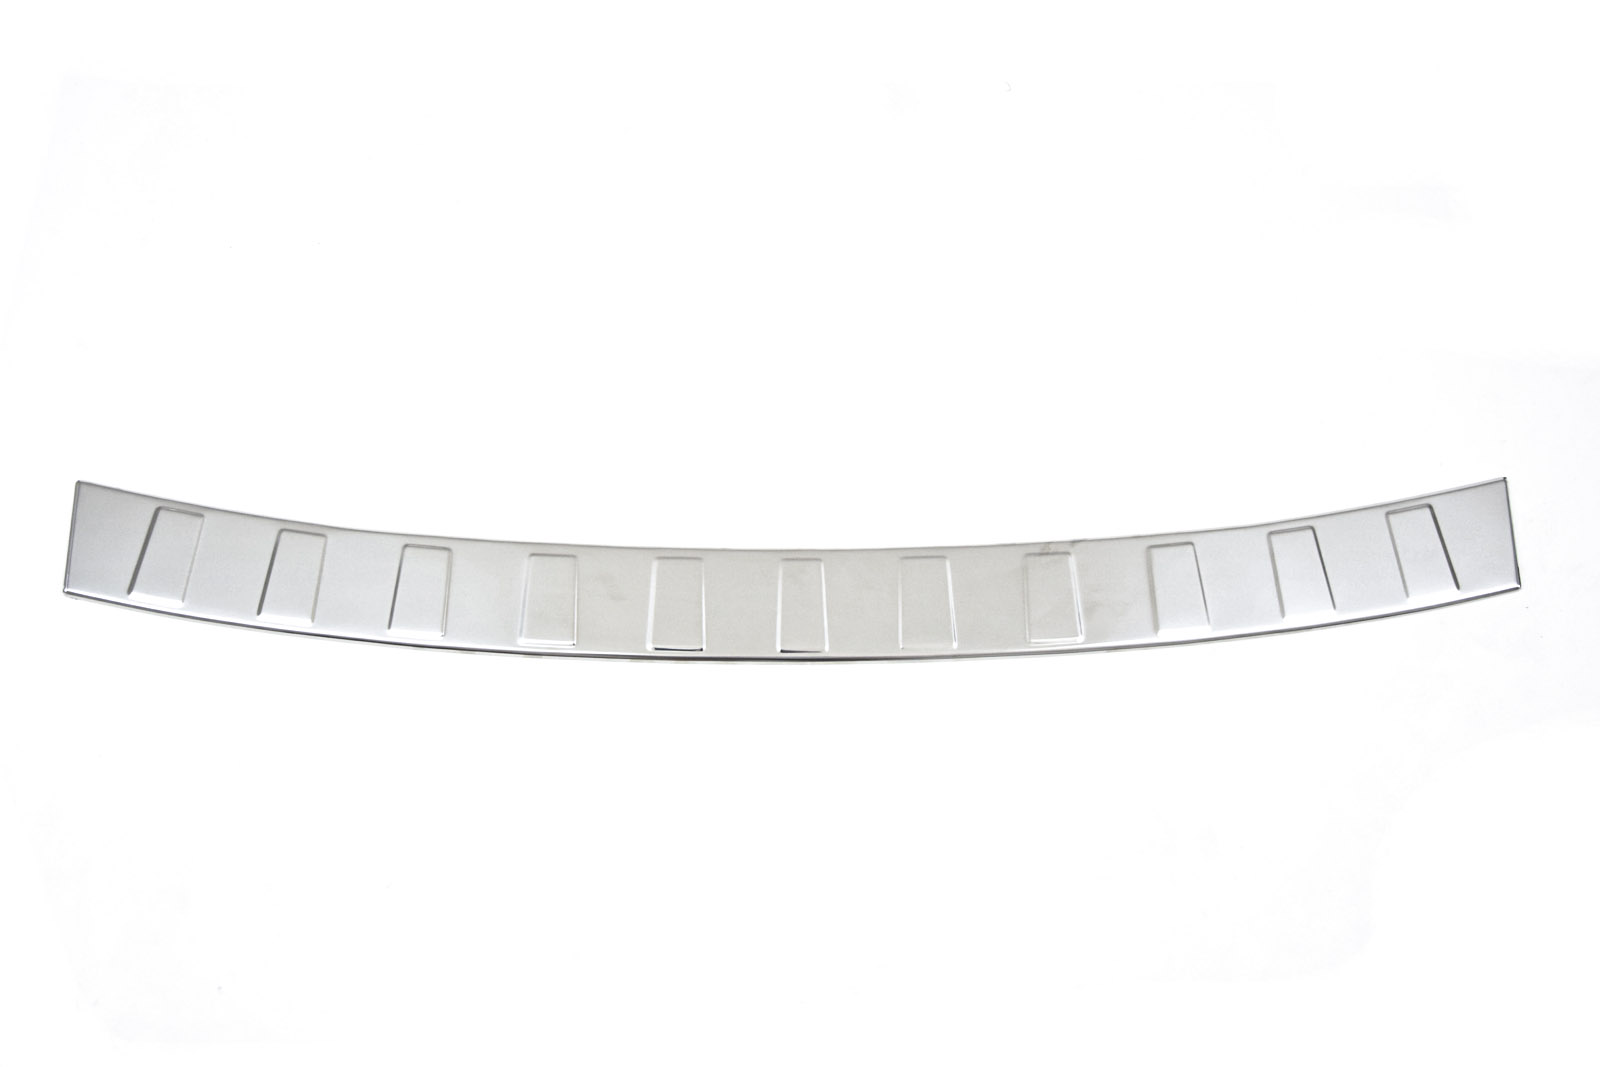 Nerezový kryt náraznika BMW X5 F15 2013-up